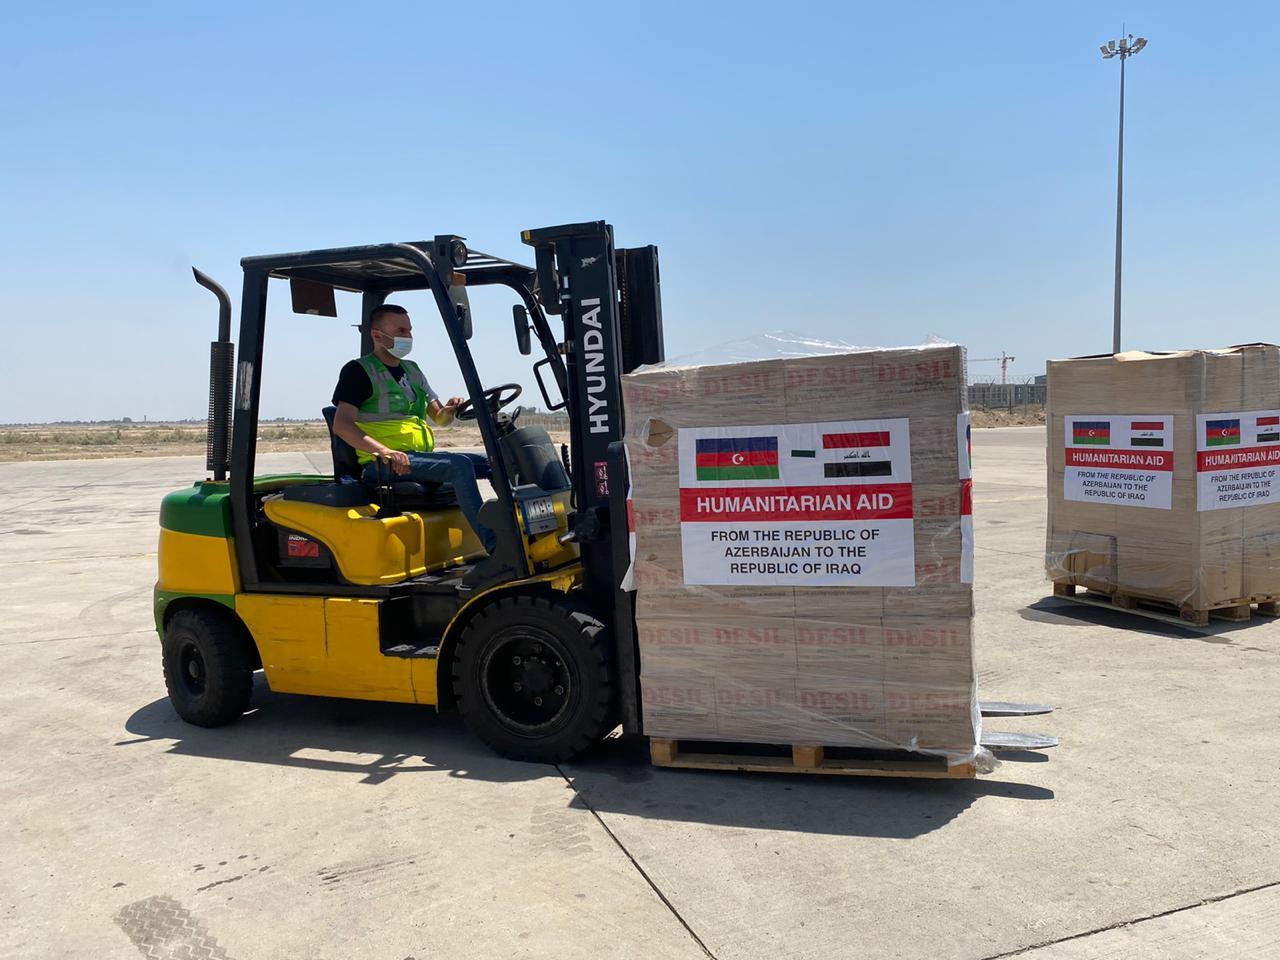 العراق يتسلّم 25 طناً من المساعدات الطبية من آذربيجان